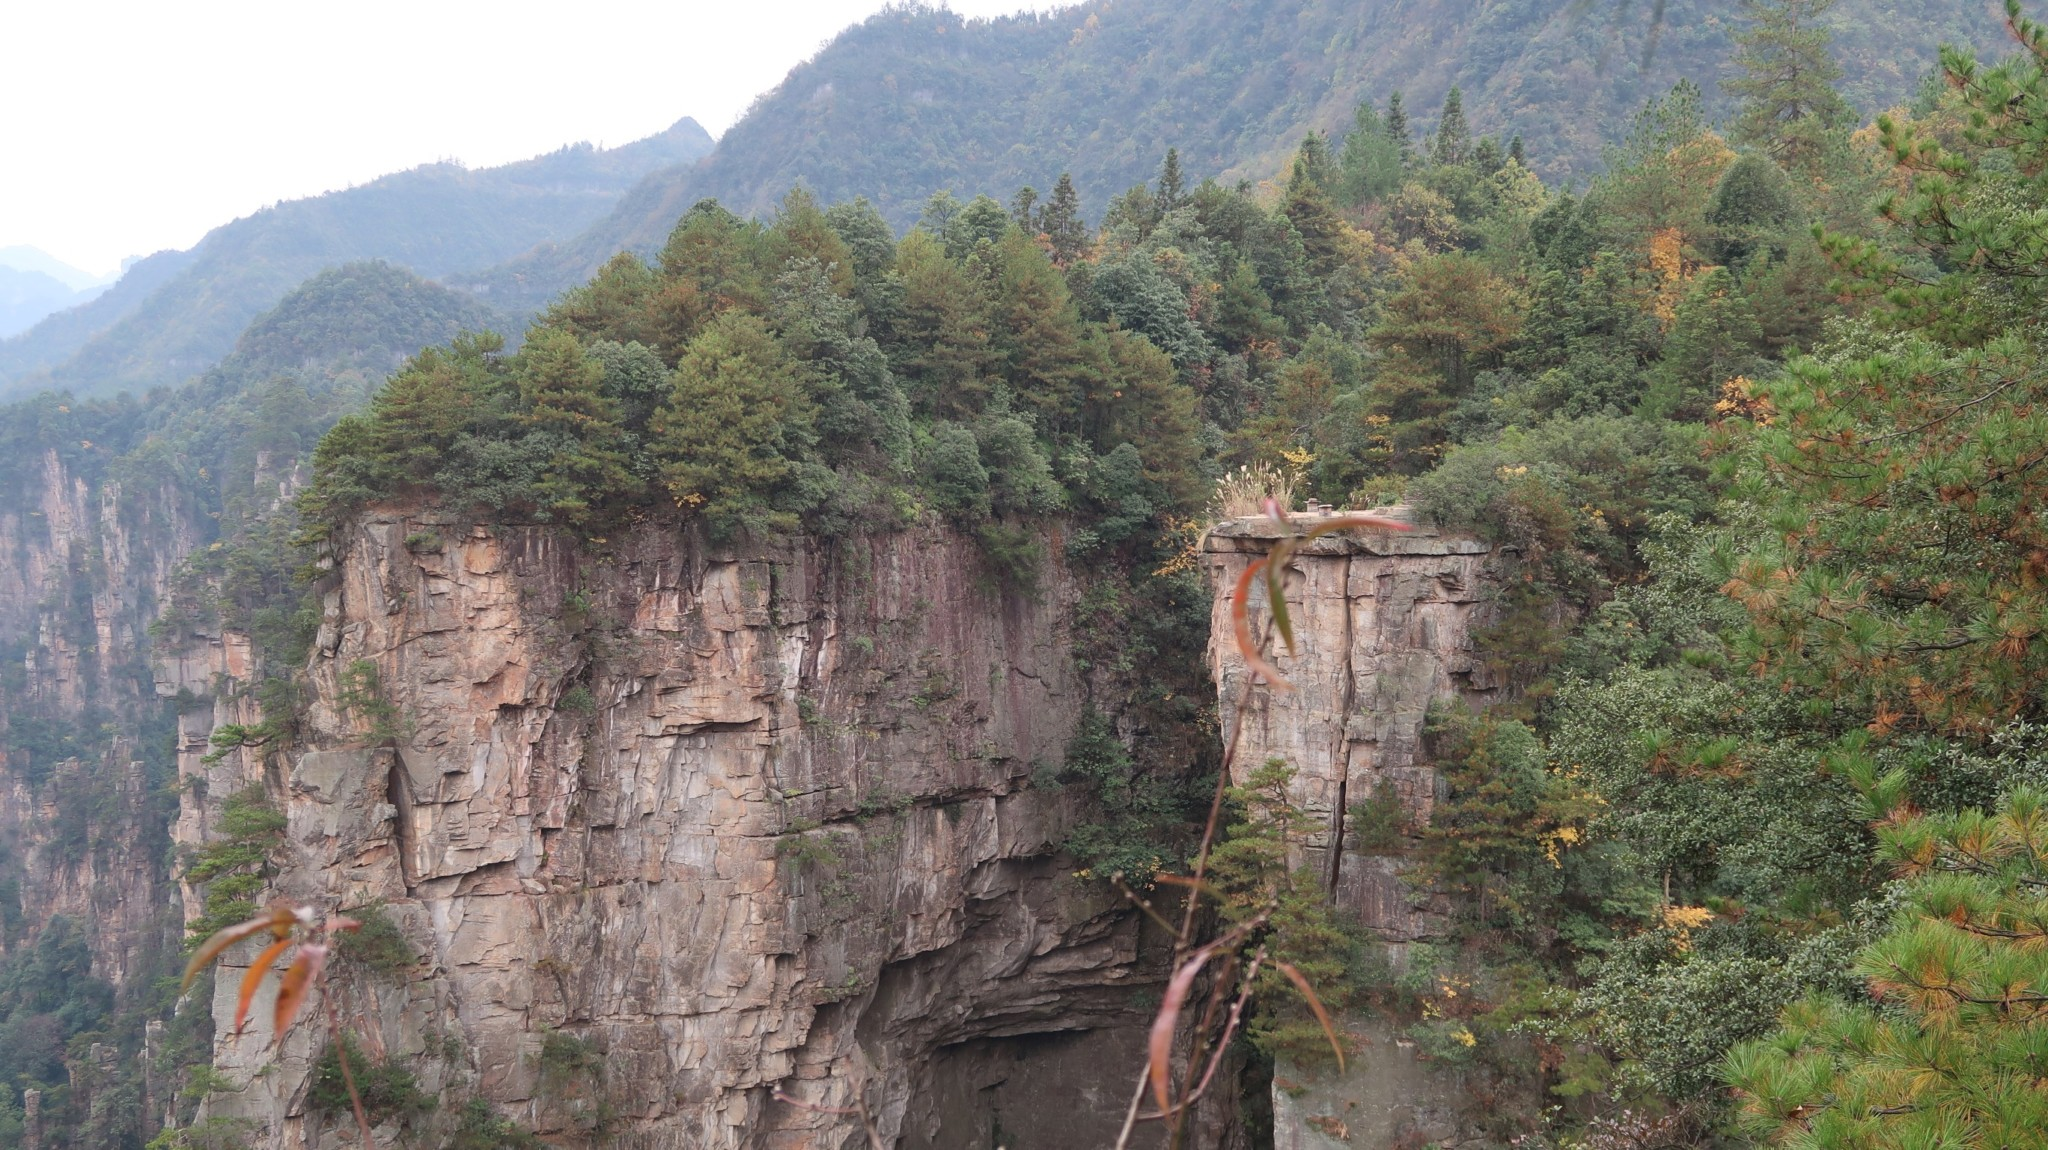 Felsformationen im Avatar-Gebirge